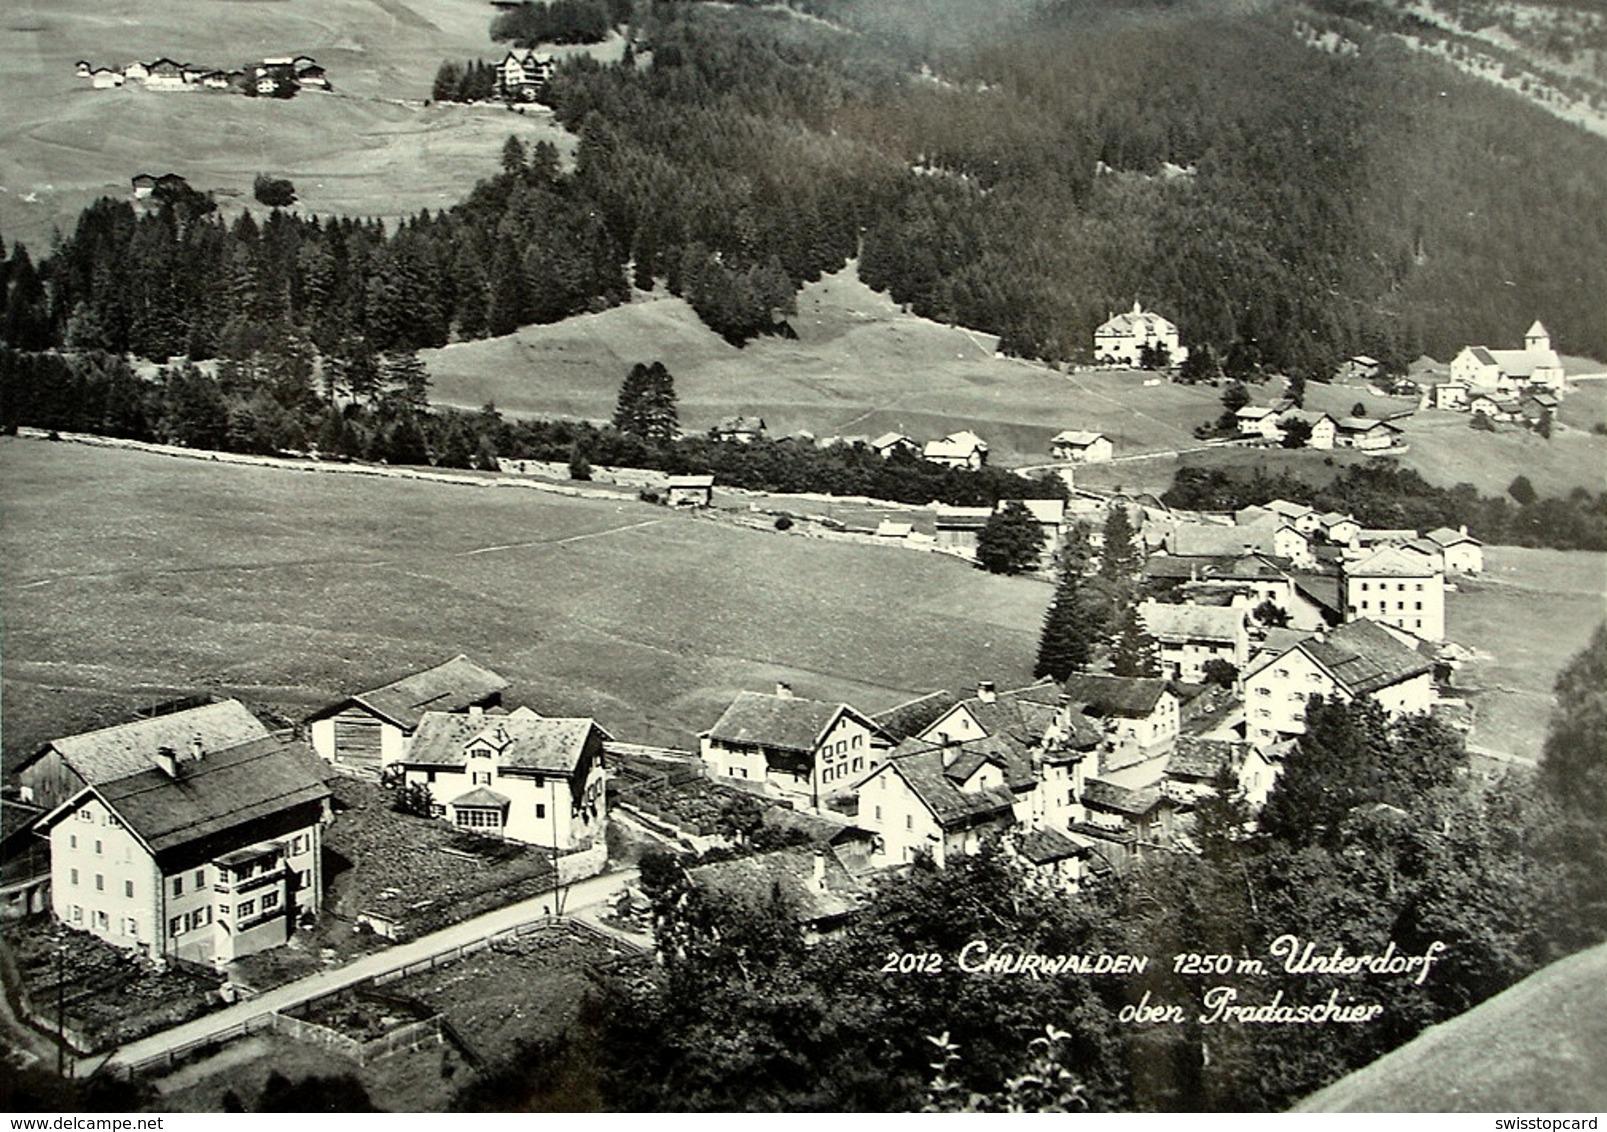 CHURWALDEN Unterdorf - GR Grisons